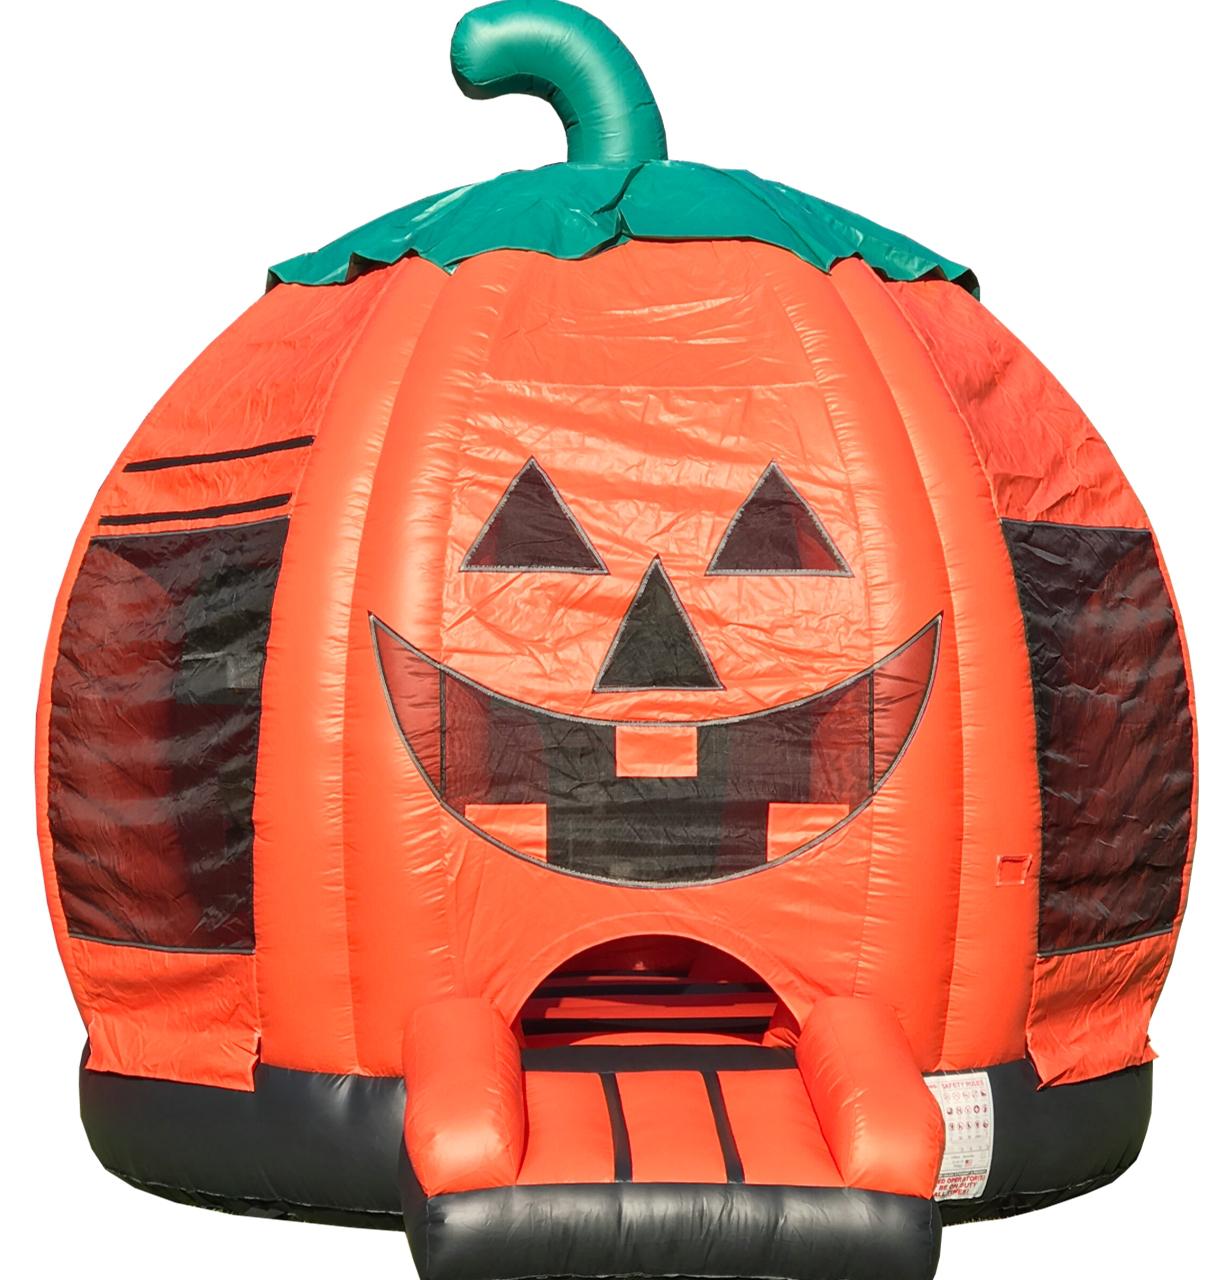 Murfreesboro Halloween bounce house rentals